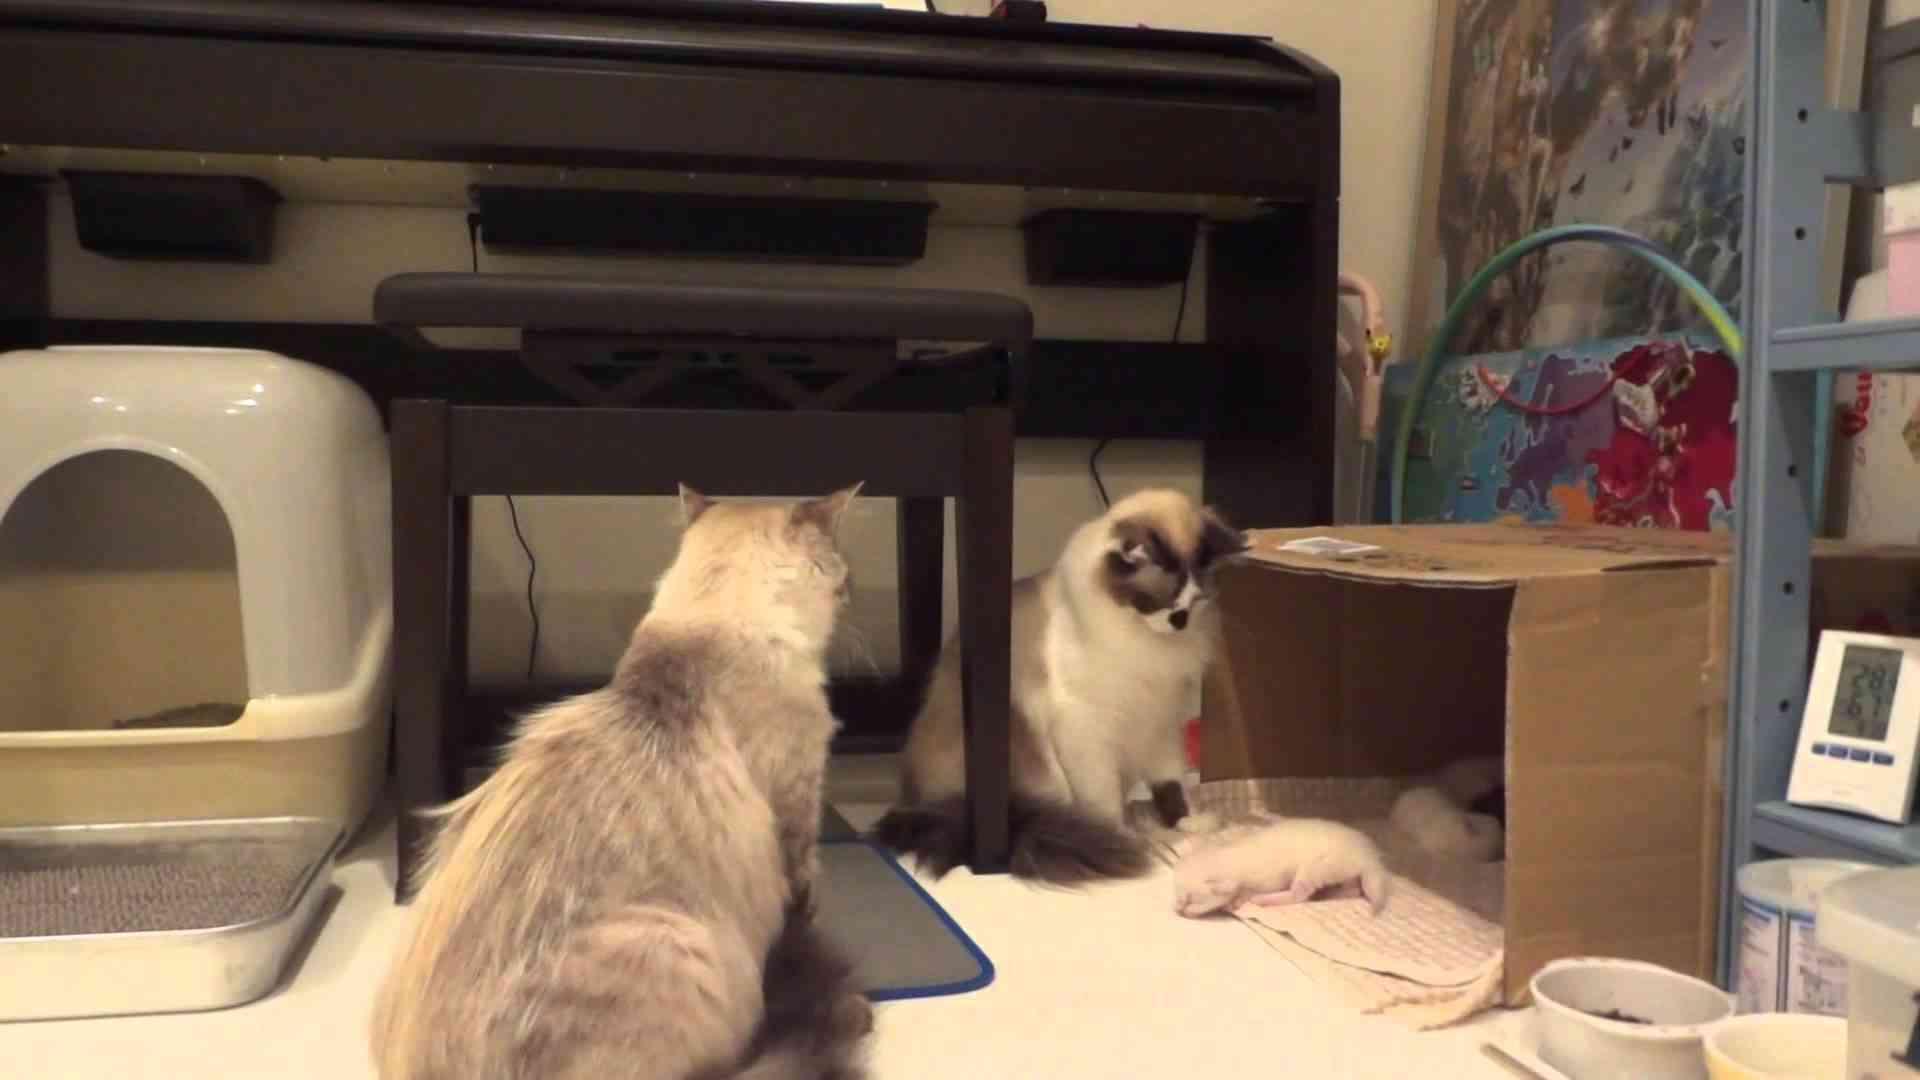 他の猫が子猫をいじくっていたら、母猫が・・・ついに一撃。an angry mother cat attacks brutally - YouTube